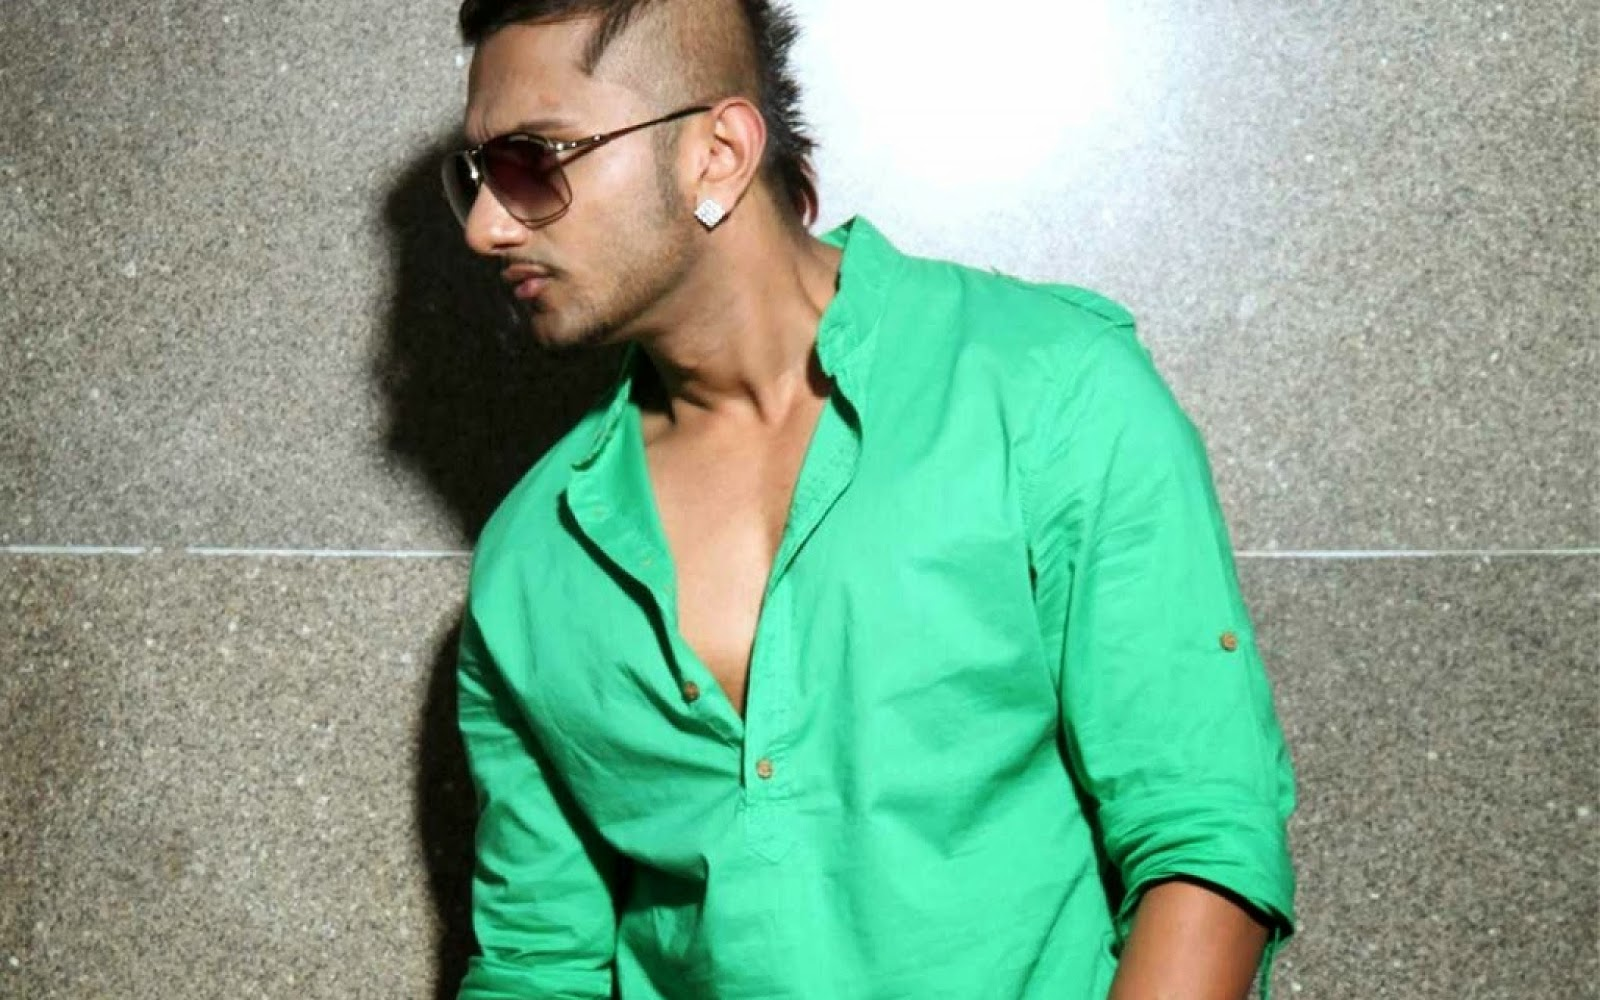 Yo Yo Honey Singh Hd: Yo Yo Honey Singh HD Wallpapers Free Download -I